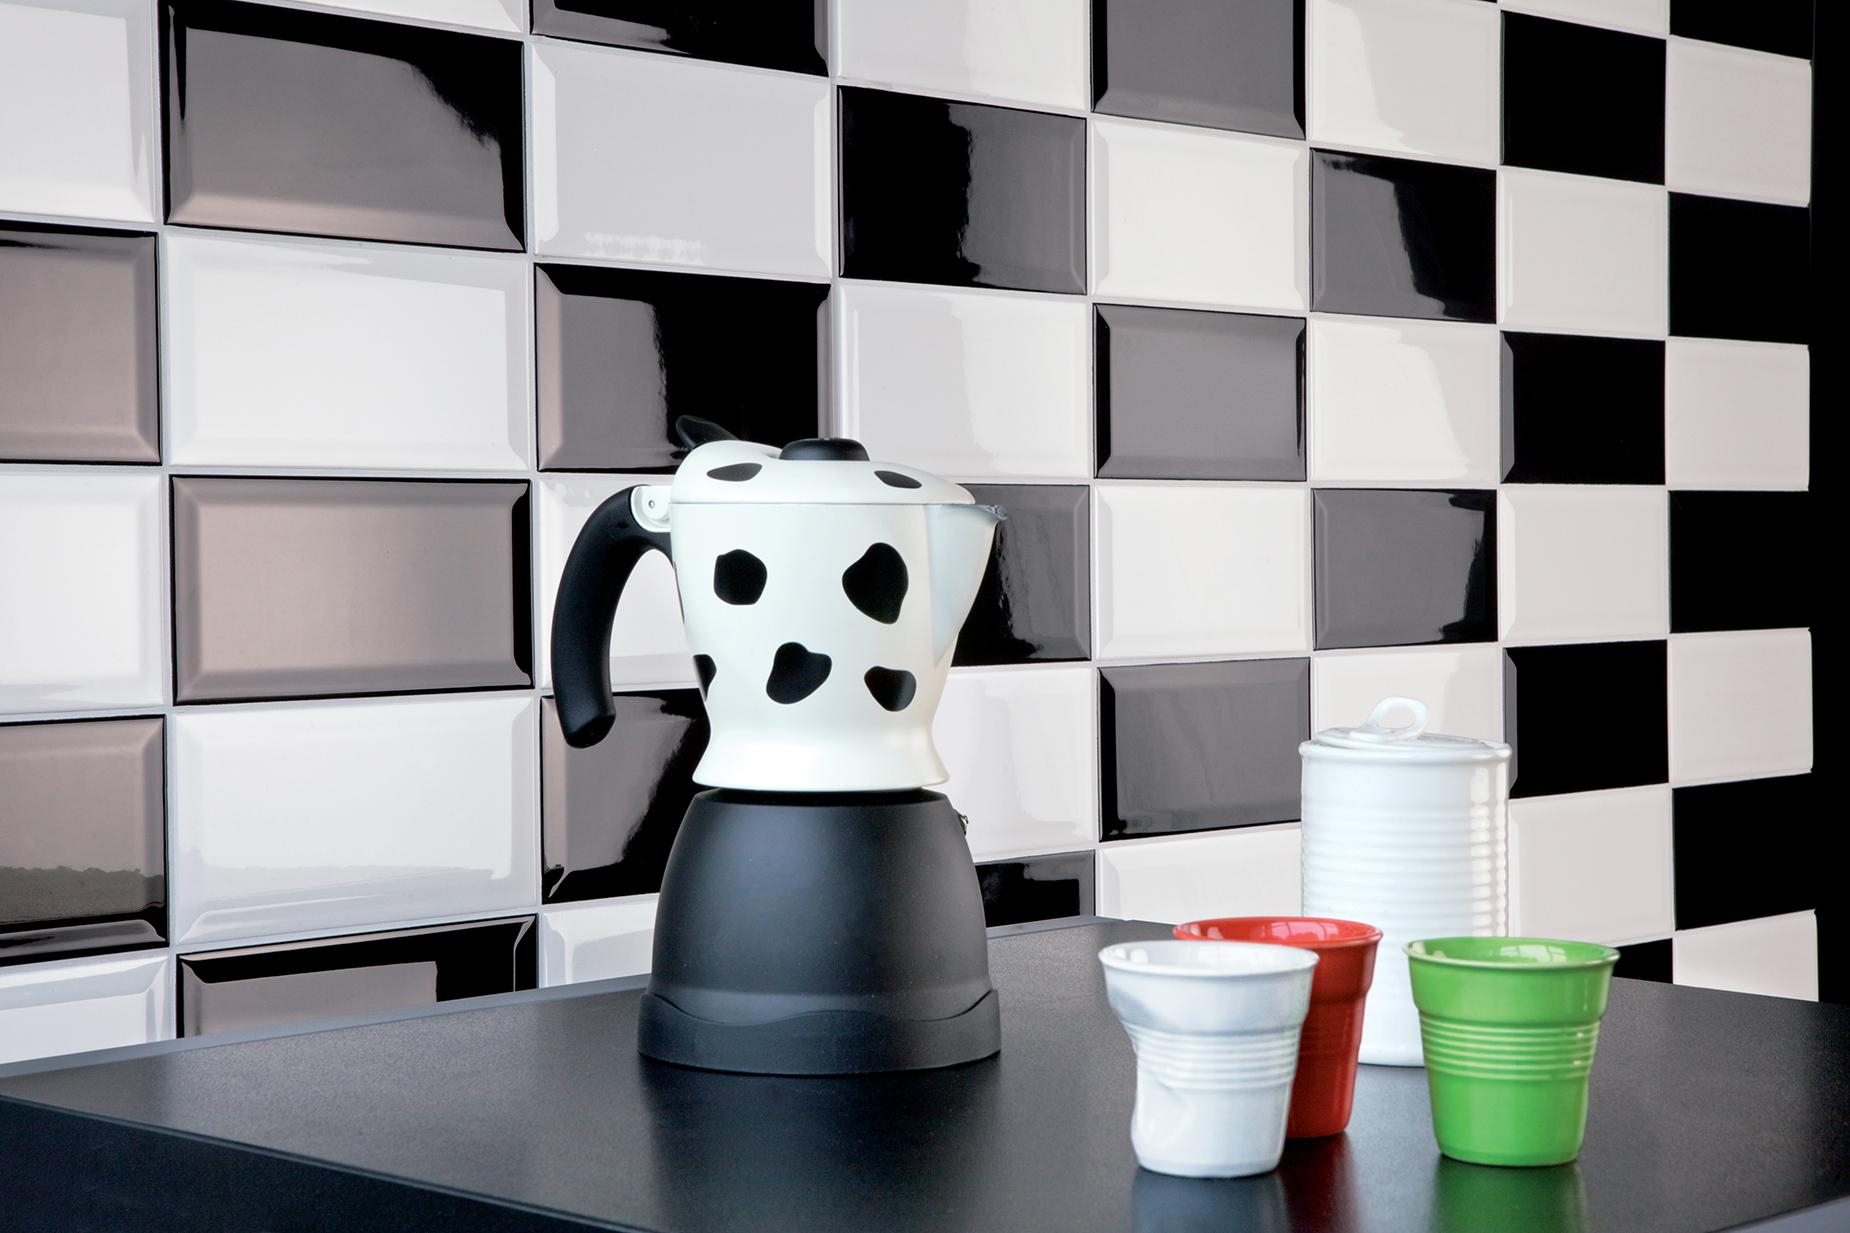 Serie phormae pavimenti e rivestimenti moda - Rivestimento cucina bianco ...